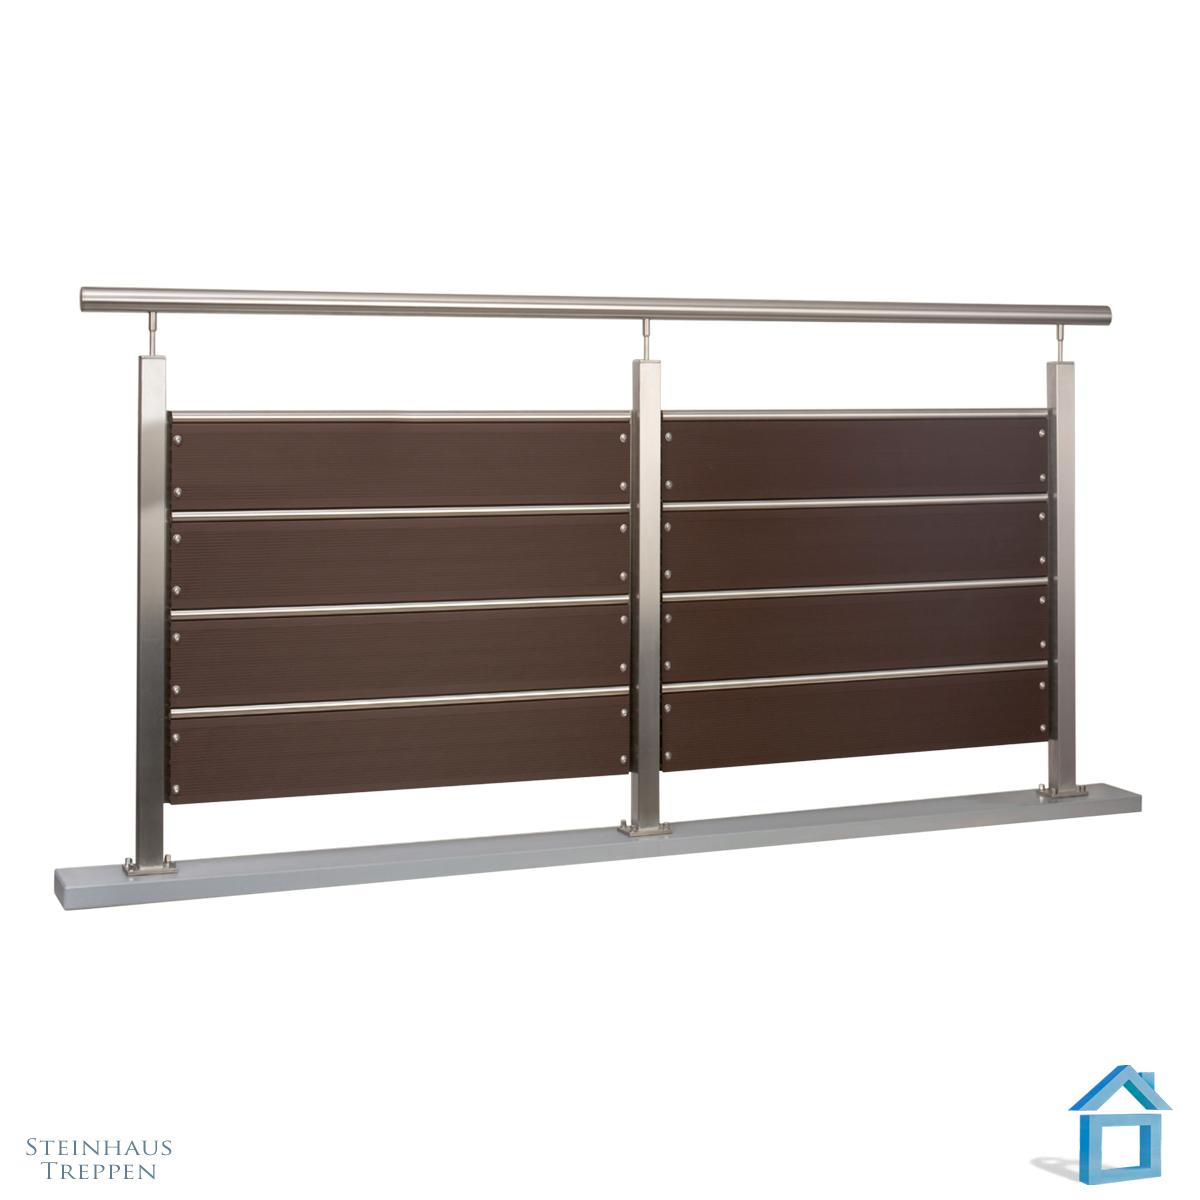 holzoptik gel nder am balkon blickdicht mit wpc steinhaus treppen treppen g nstig kaufen. Black Bedroom Furniture Sets. Home Design Ideas